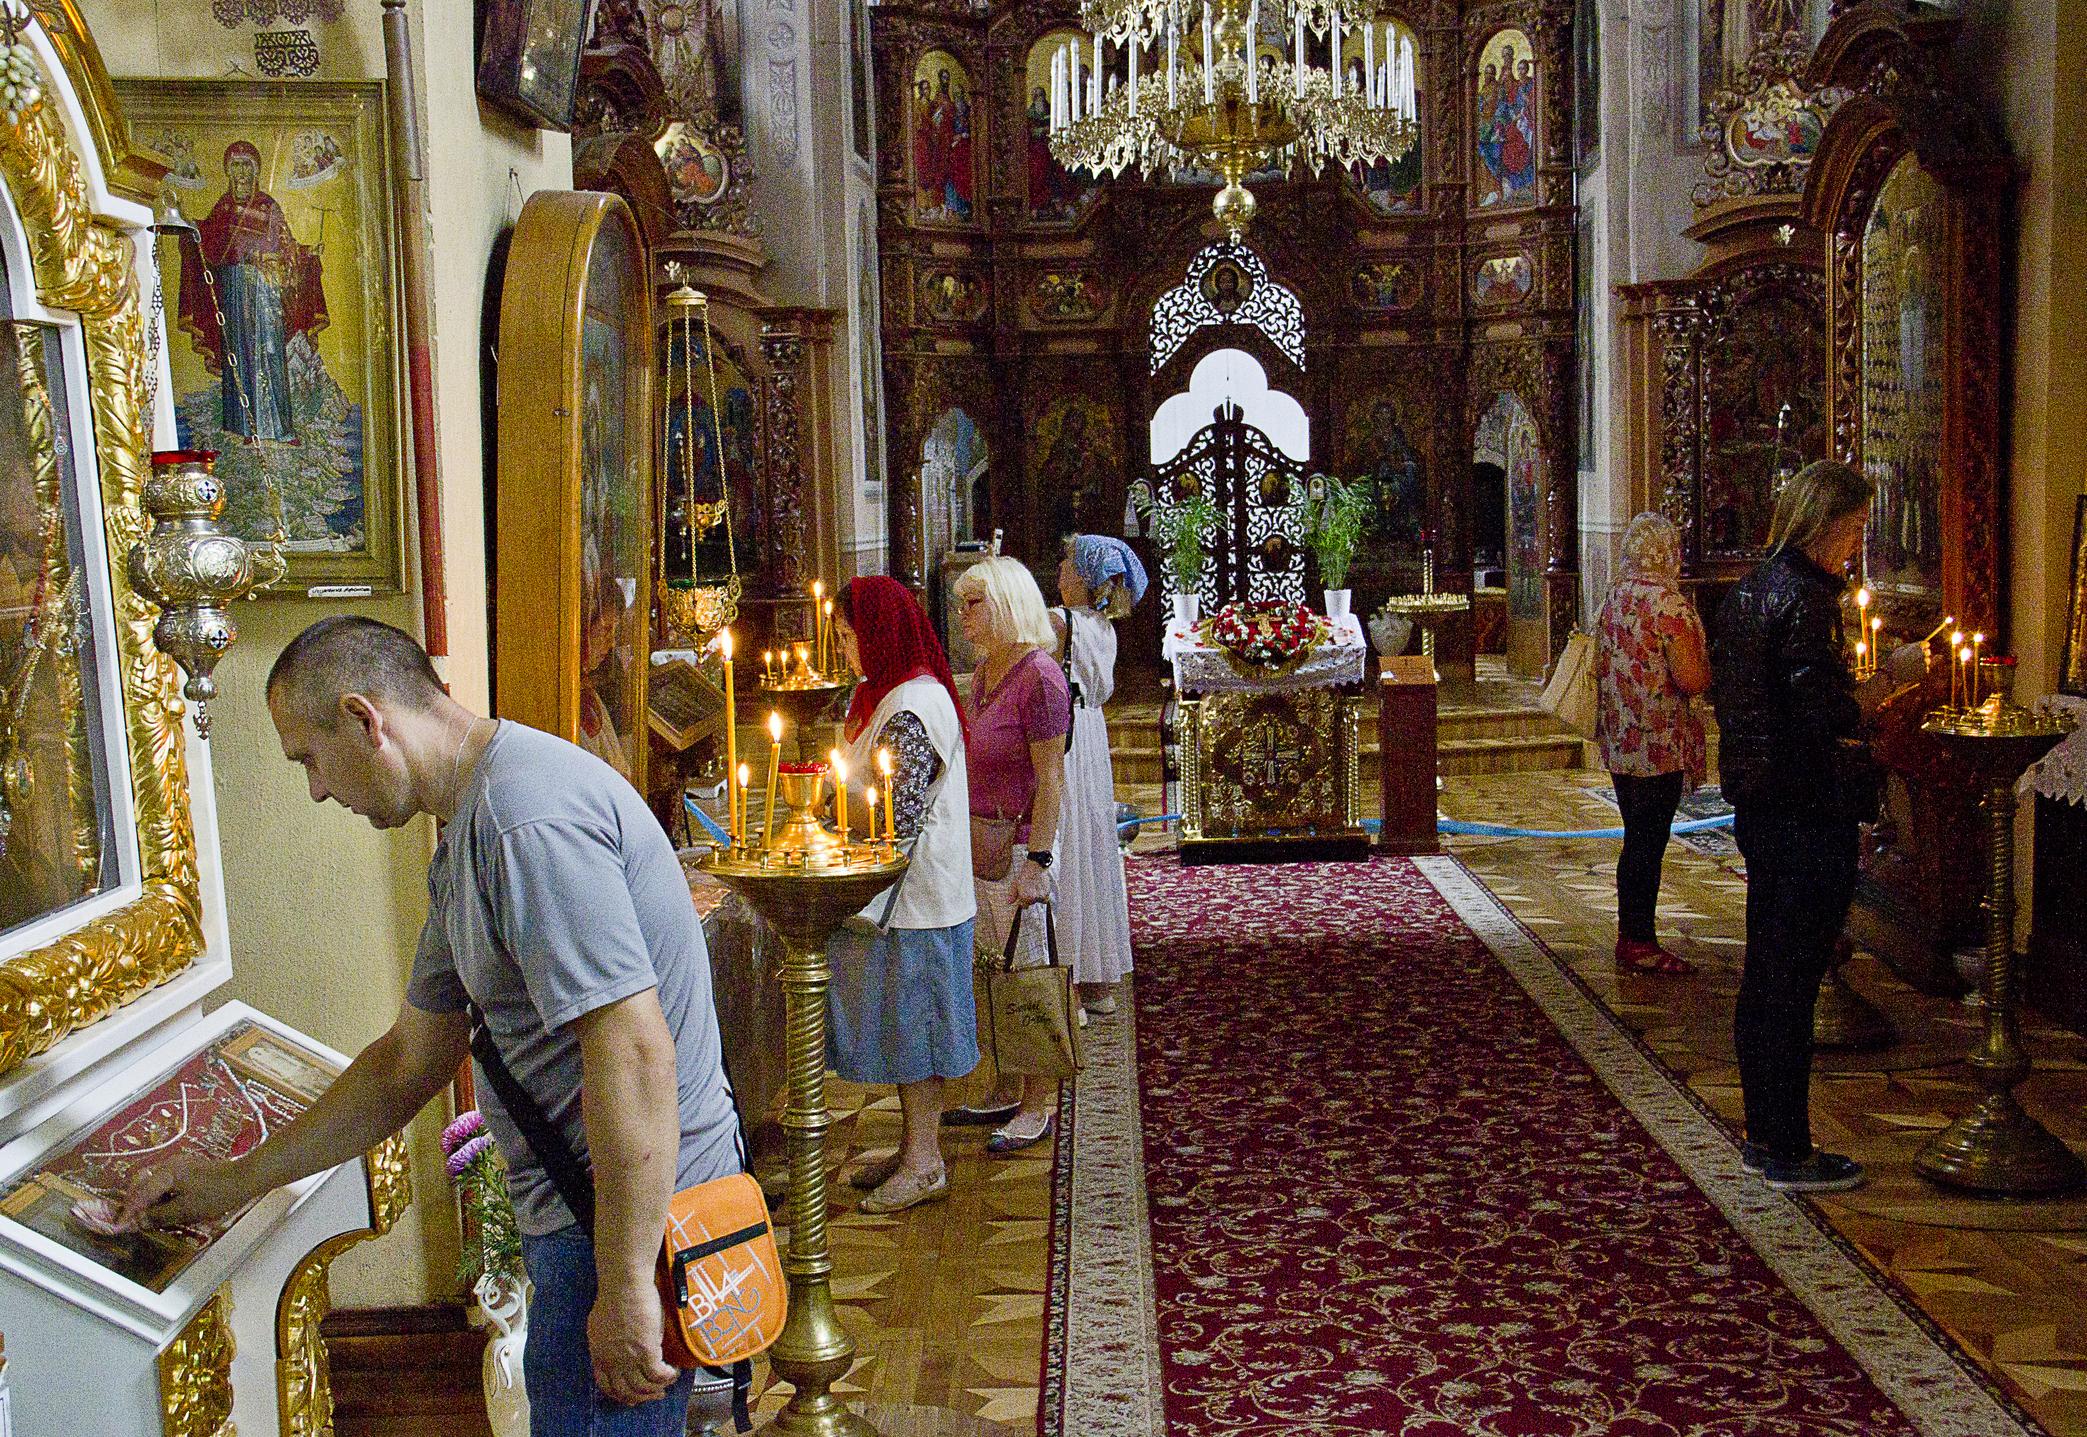 Литургиите<br /> И двете църкви претърпяват промени в начина на отслужване на литургиите през годините. Обичайно тези промени са един бавен и естествен процес. Православната църква е претърпяла промени по отношение на литургията, но няма събитие, които да ги бележи и те не са считани за радикални.